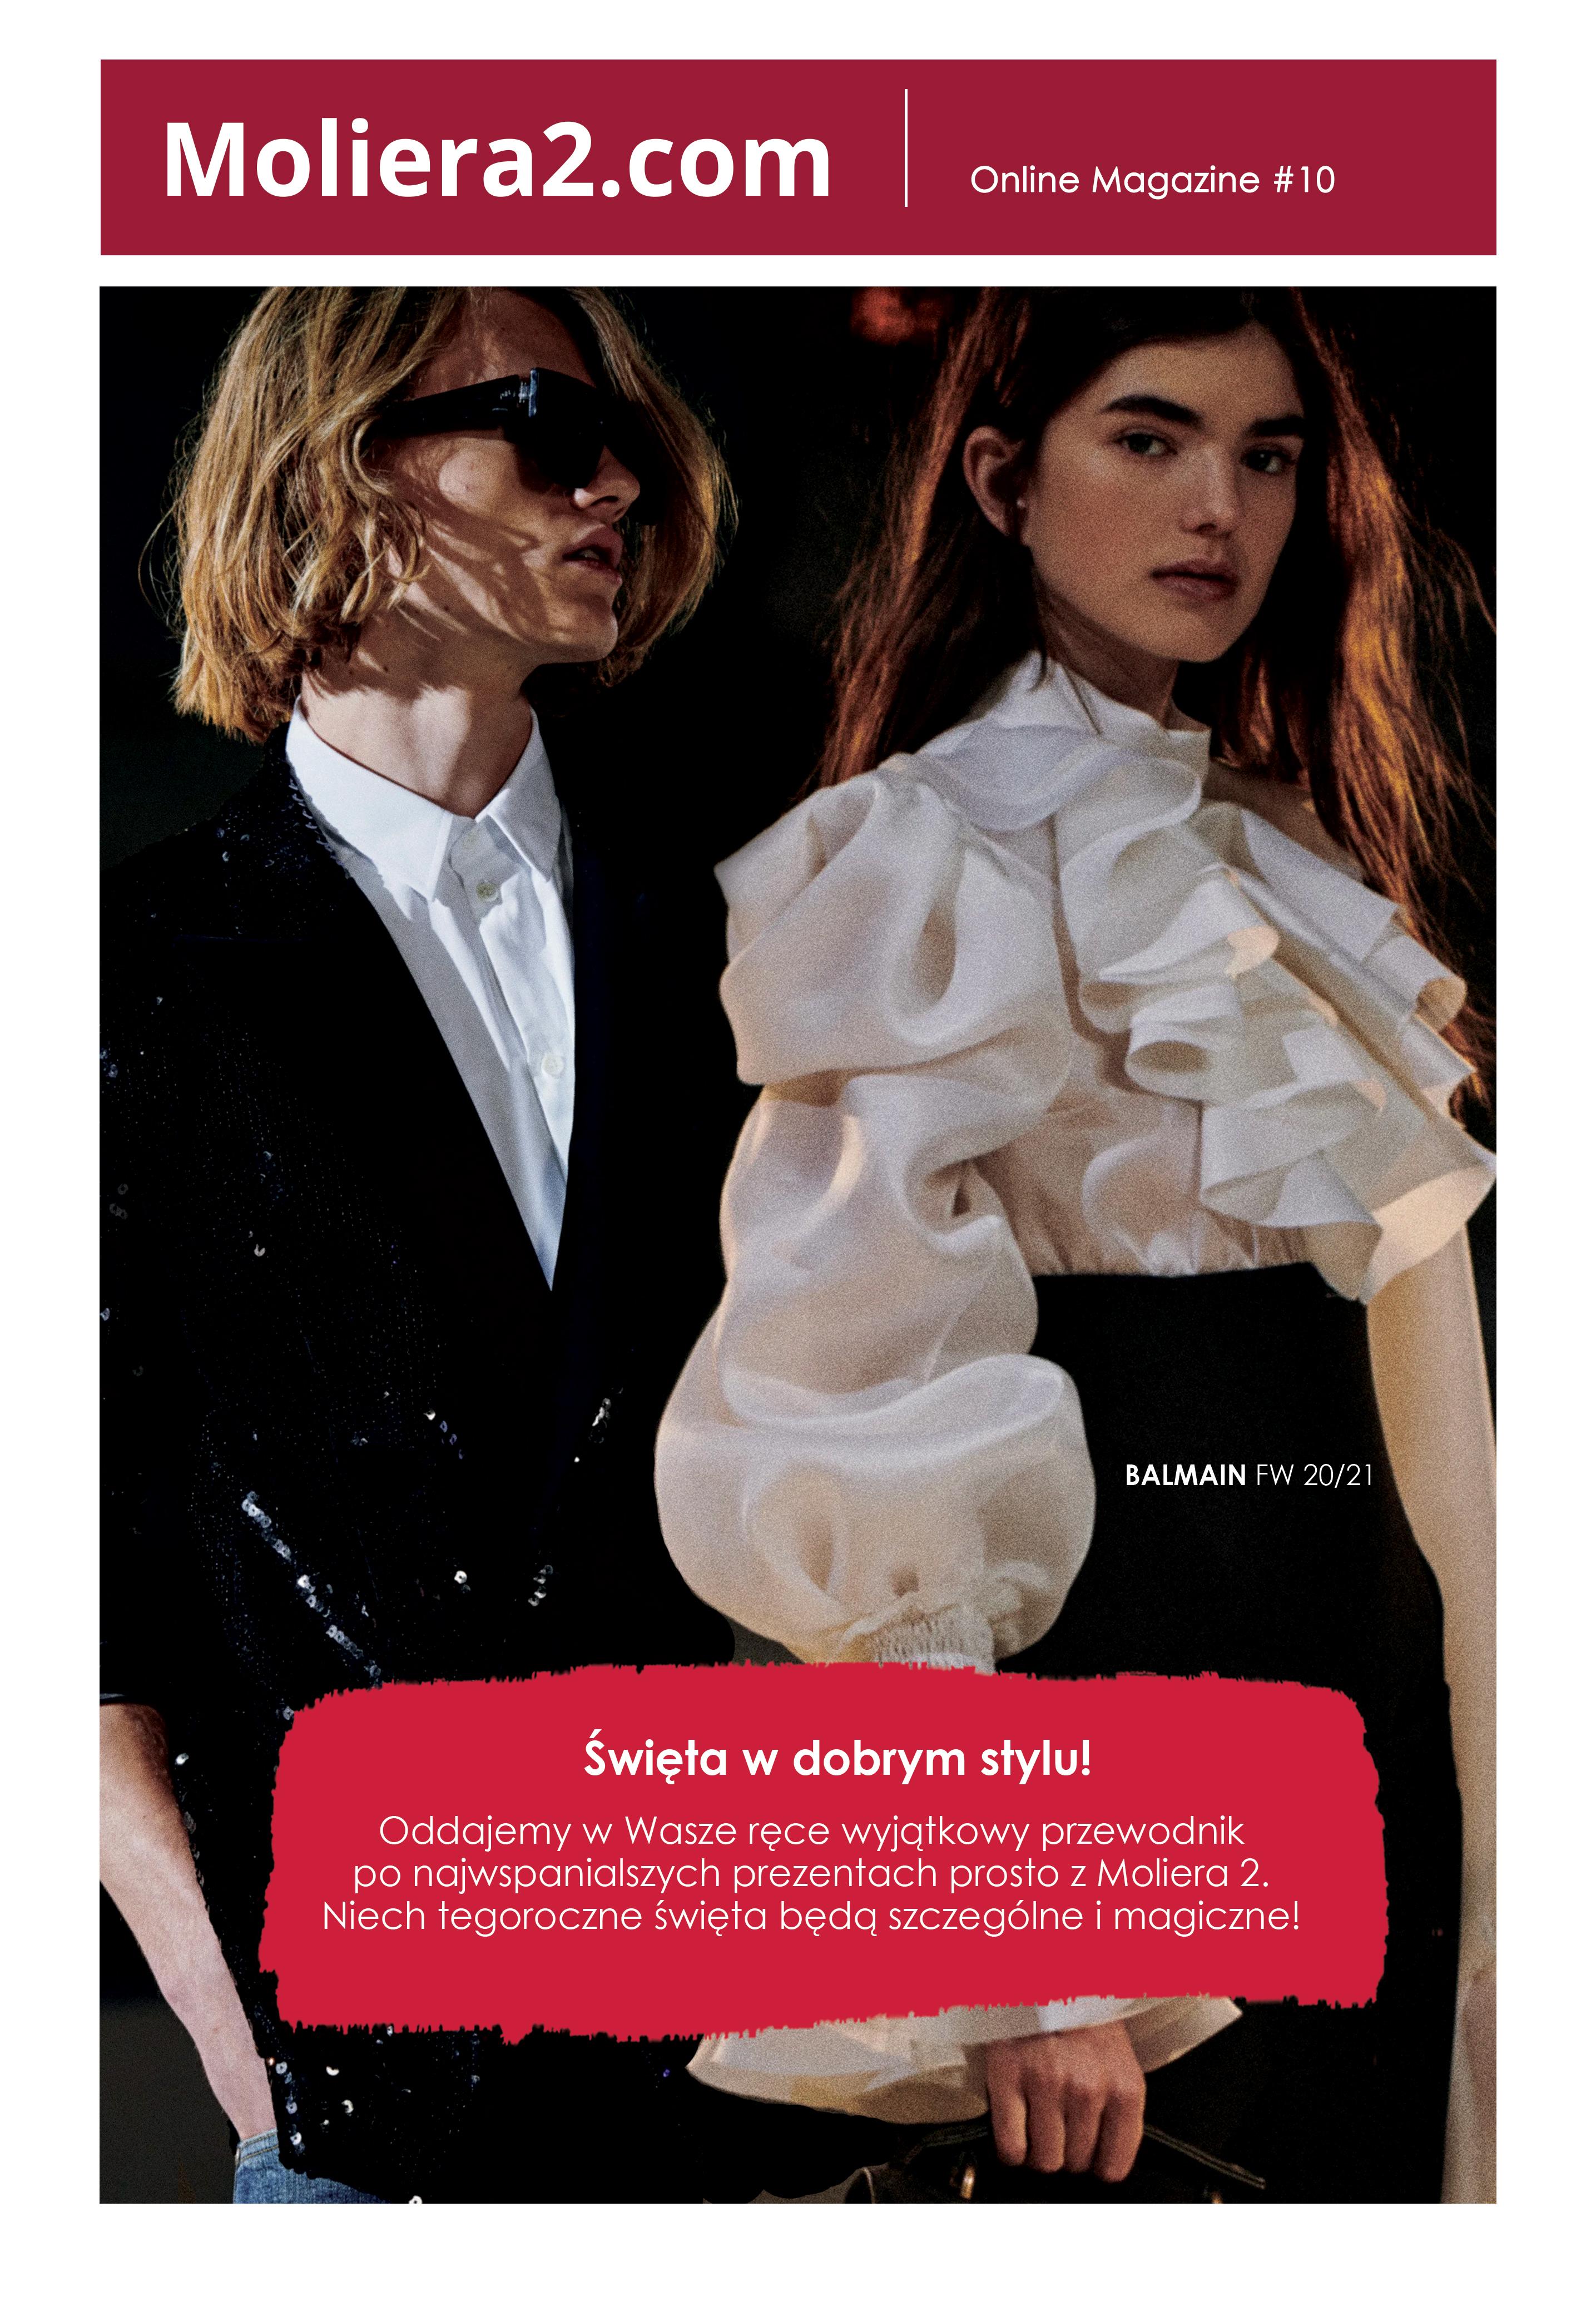 Magazyn Online Moliera2.com numer 10/2020